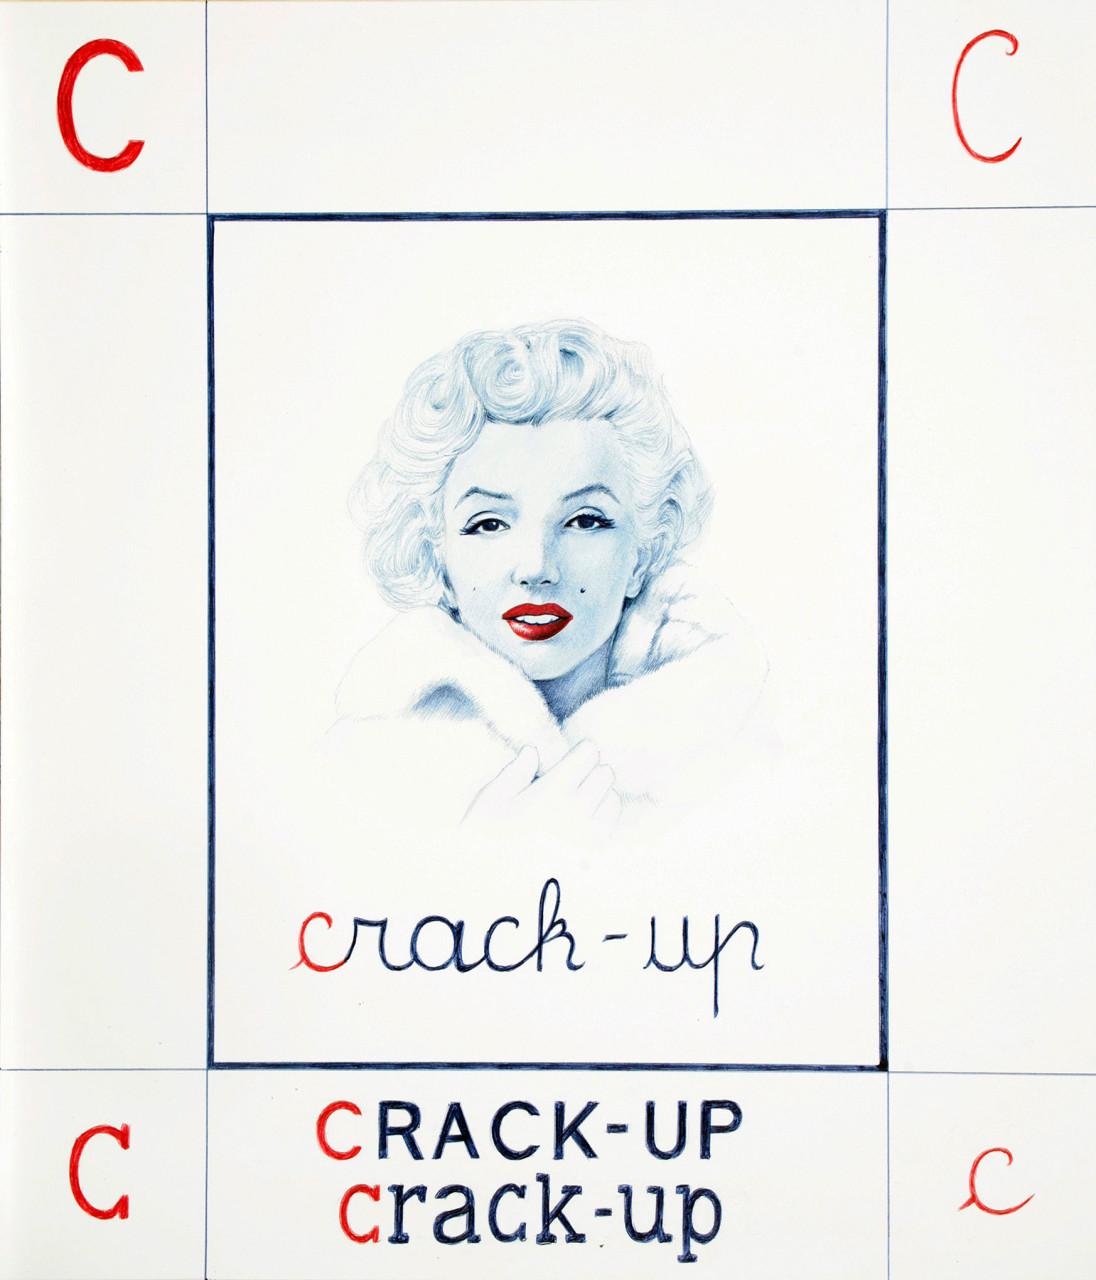 06C-crackup_bassa